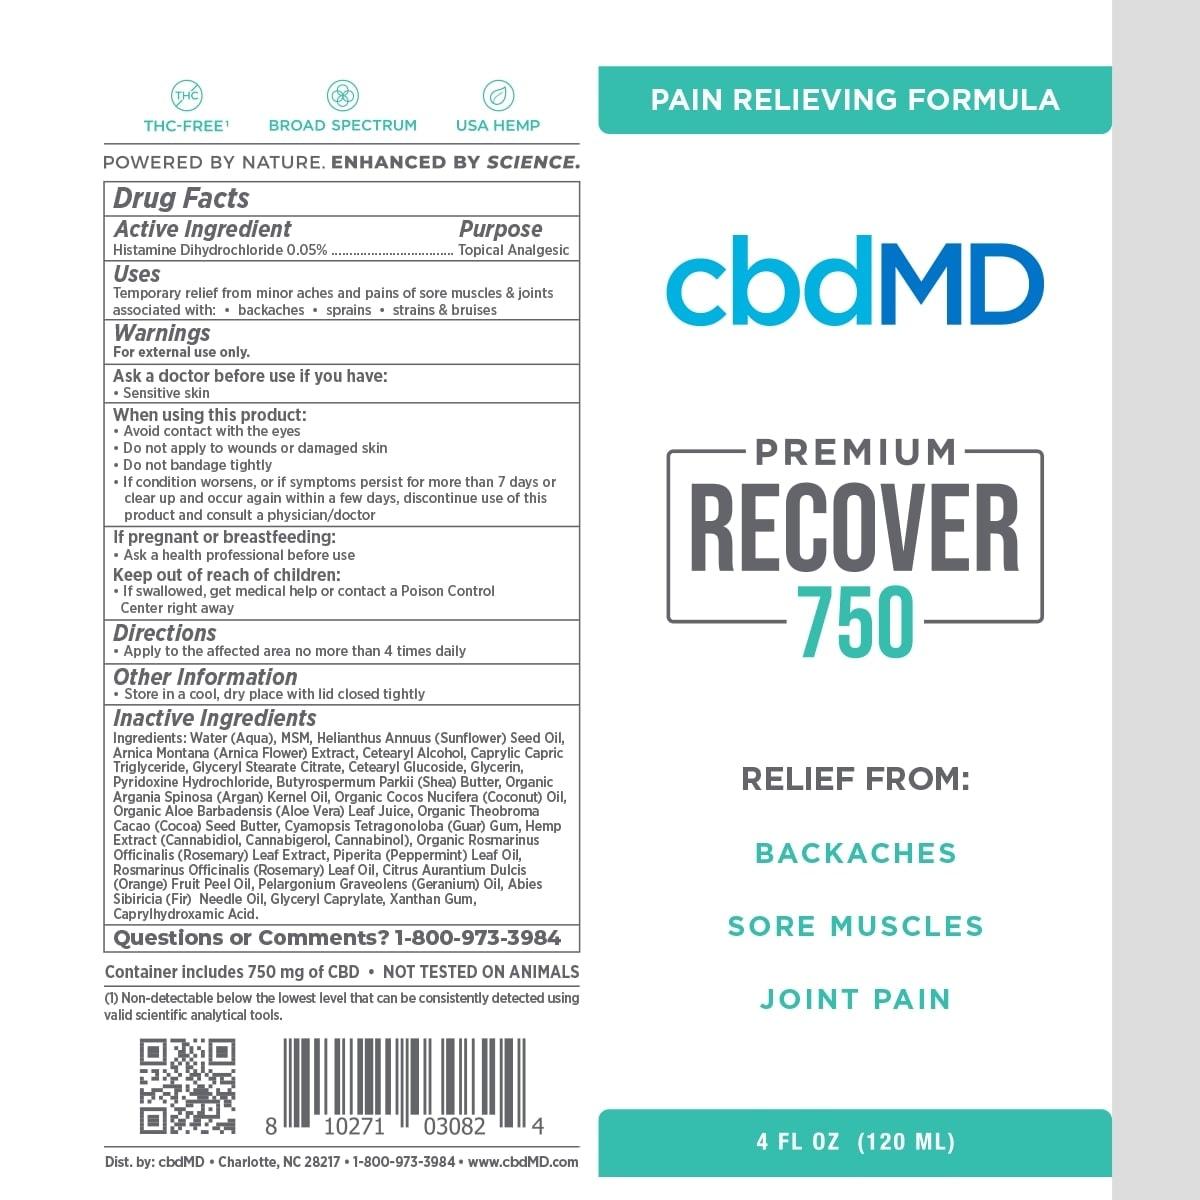 cbdMD, CBD Recover Squeeze, Broad Spectrum THC-Free, 4oz, 750mg of CBD2